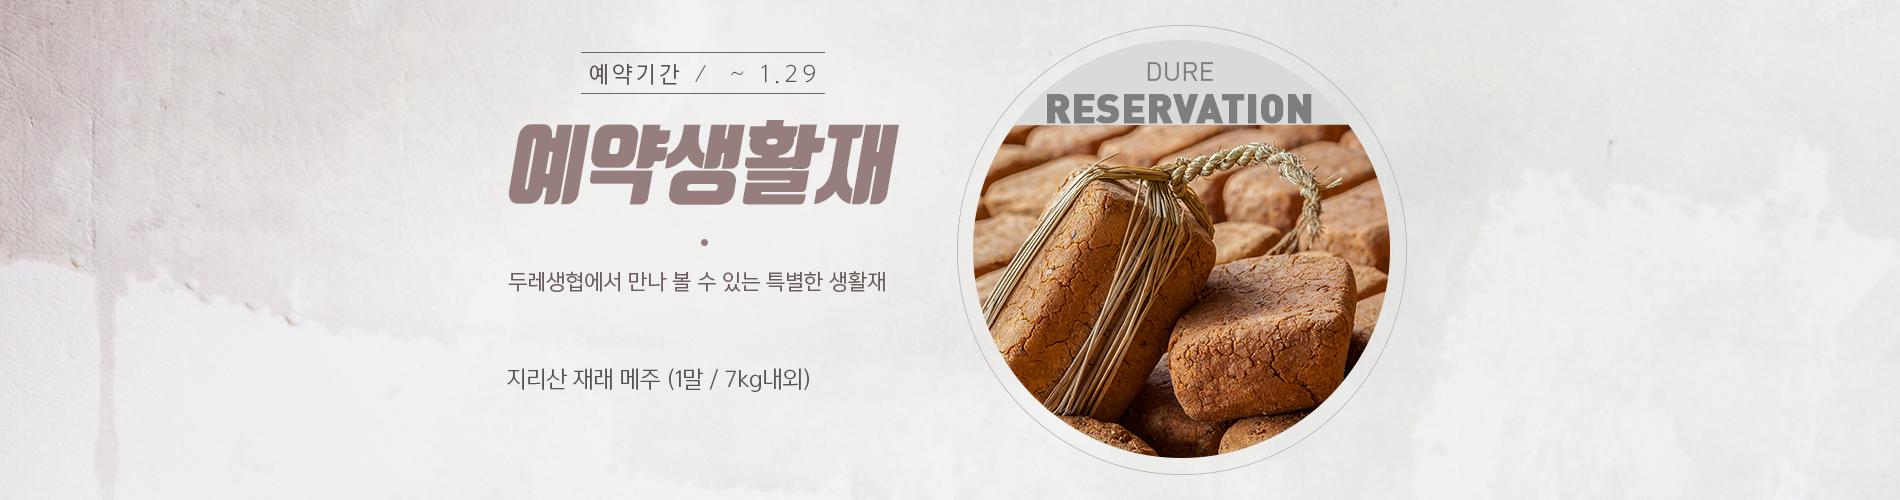 재래메주 예약